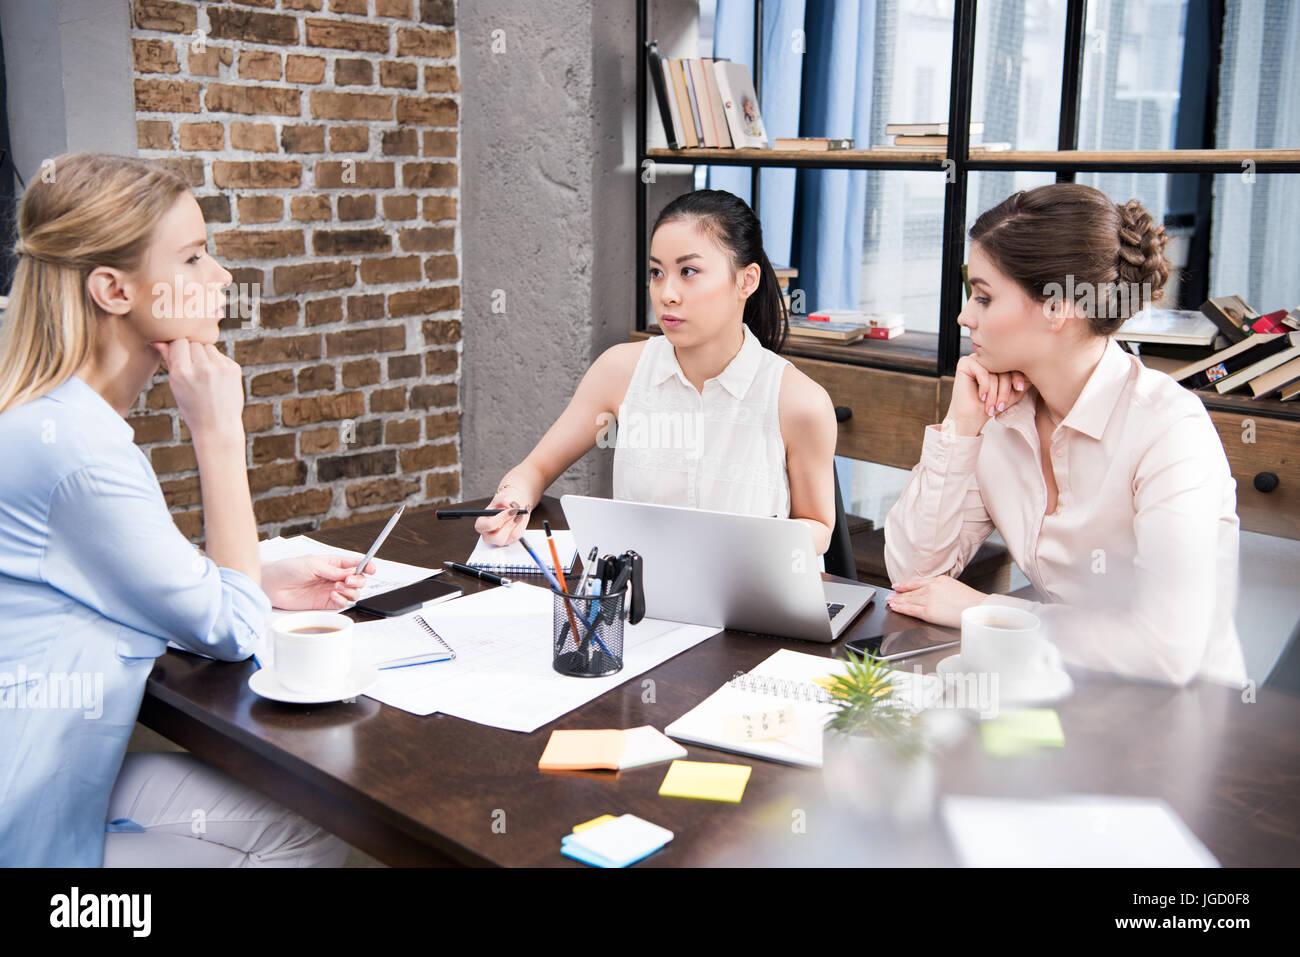 nachdenklich multikulturellen Geschäftsfrauen diskutieren Geschäftsprojekt am Arbeitsplatz mit laptop Stockbild